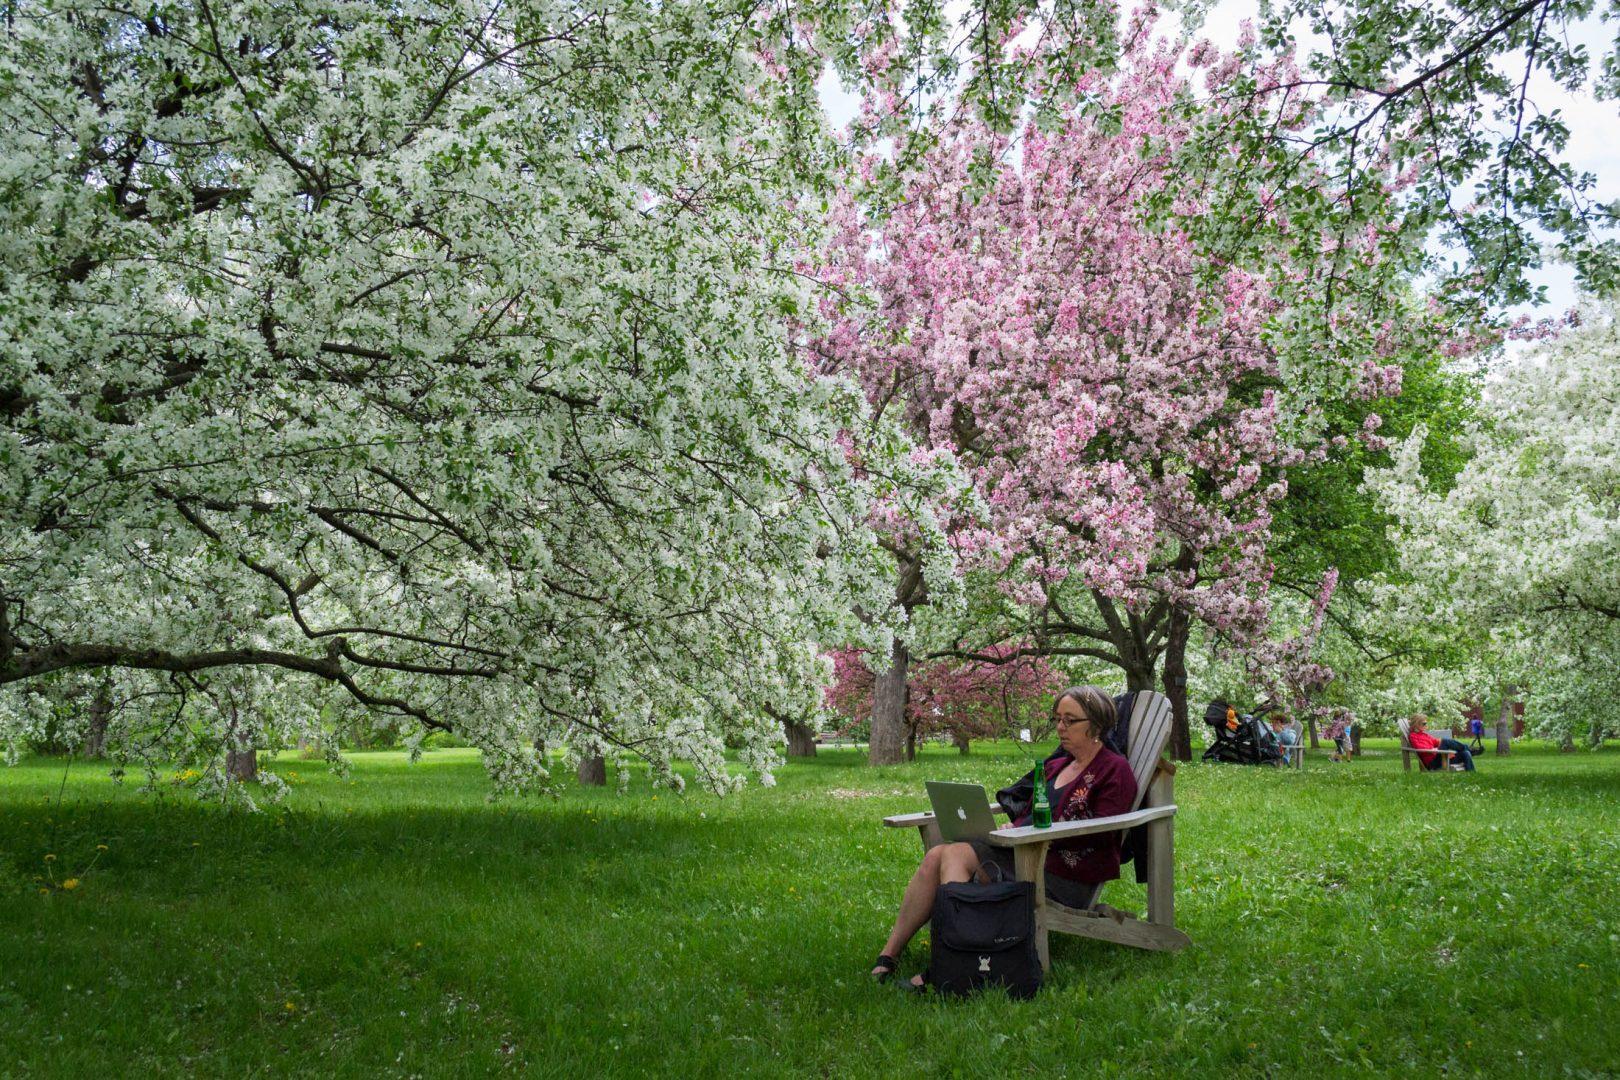 Les cerisiers en fleurs si reposants